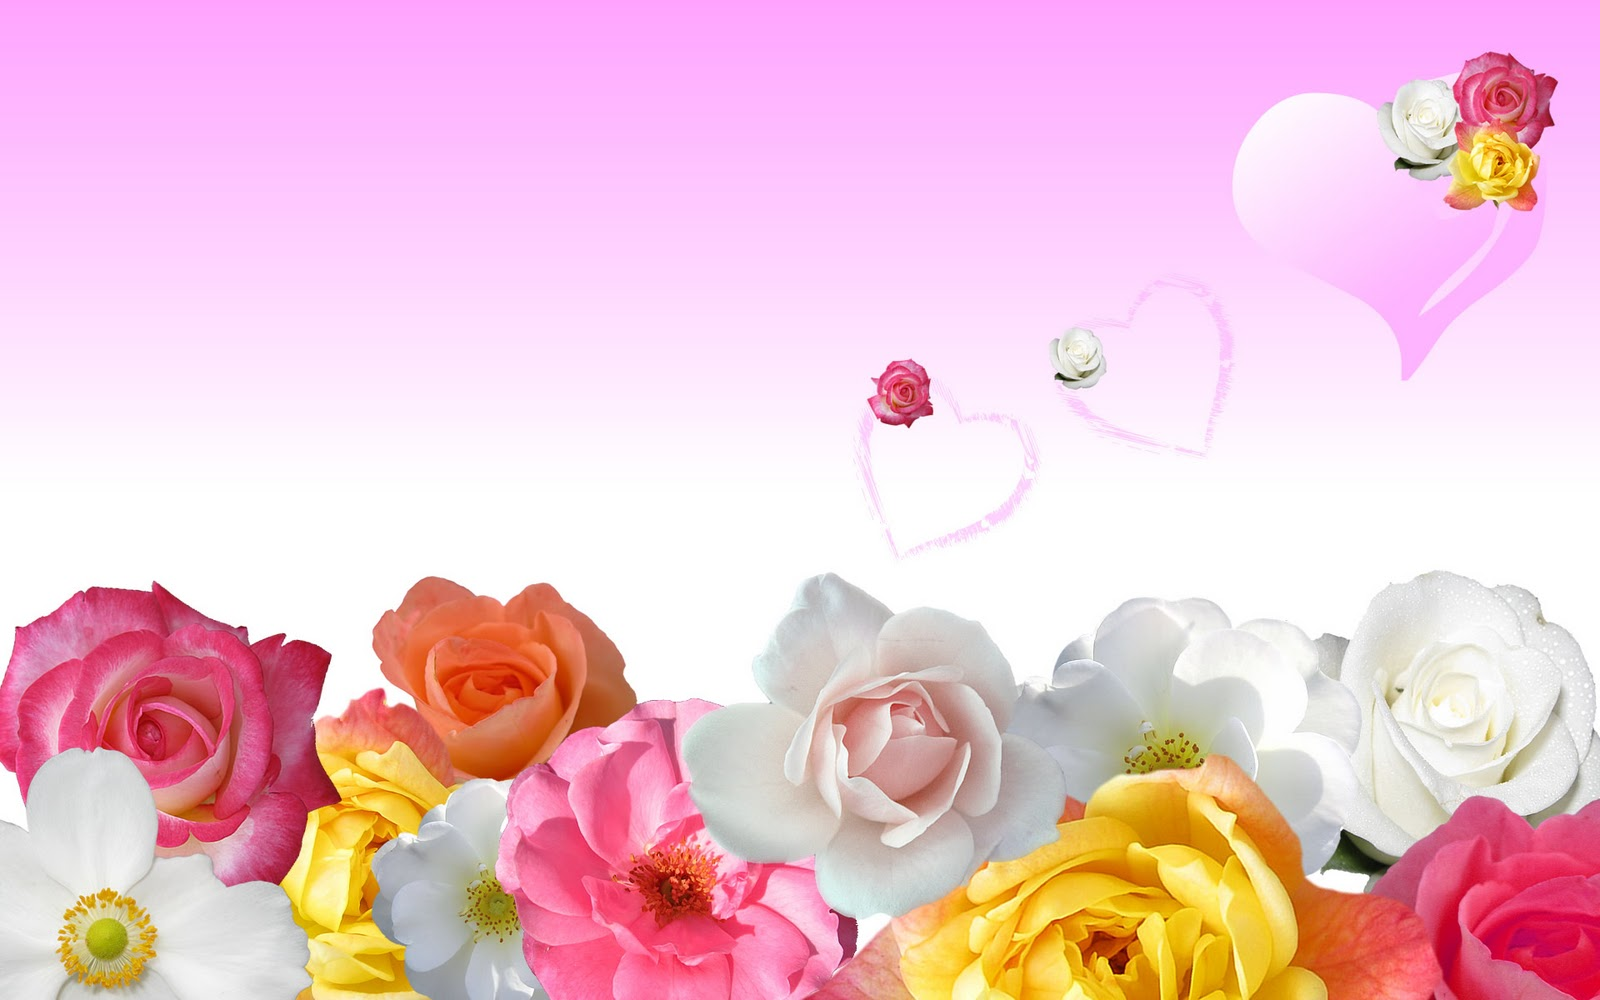 Rode gele witte roze en oranje rozen wallpaper